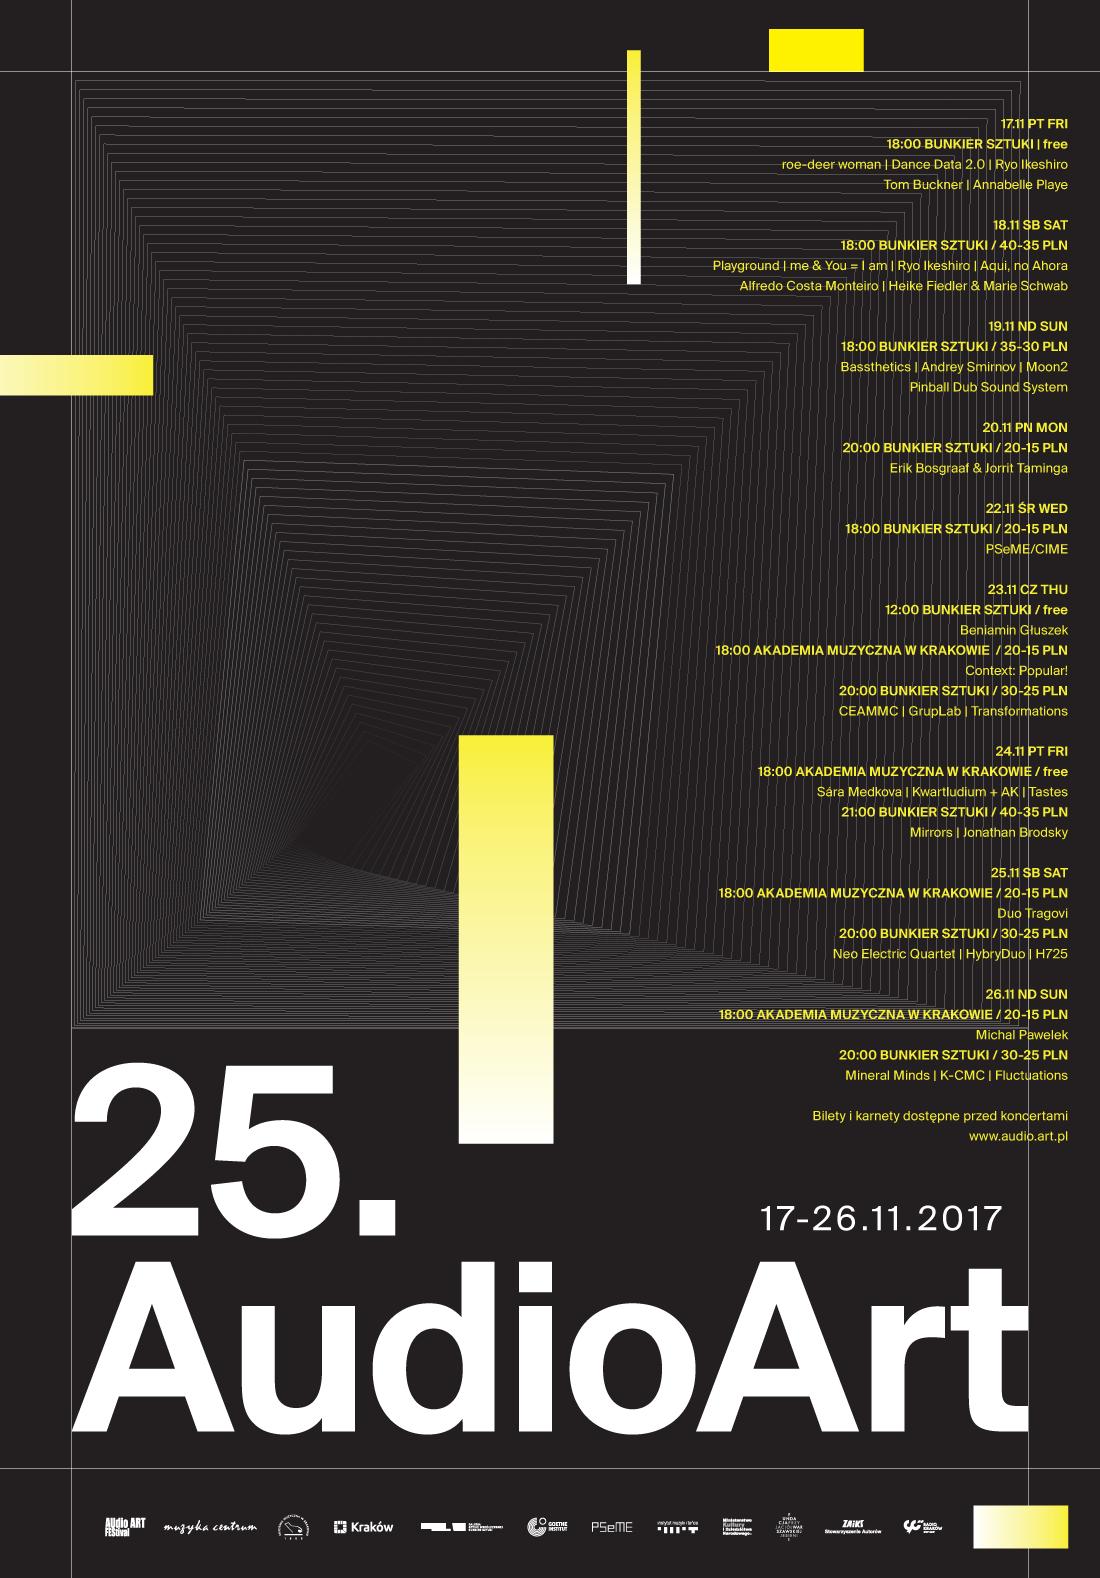 """25. Audio Art """"Bassthetics"""" Bożek/Mazur 19.11.2017 Bunkier Sztuki Kraków 18:00"""